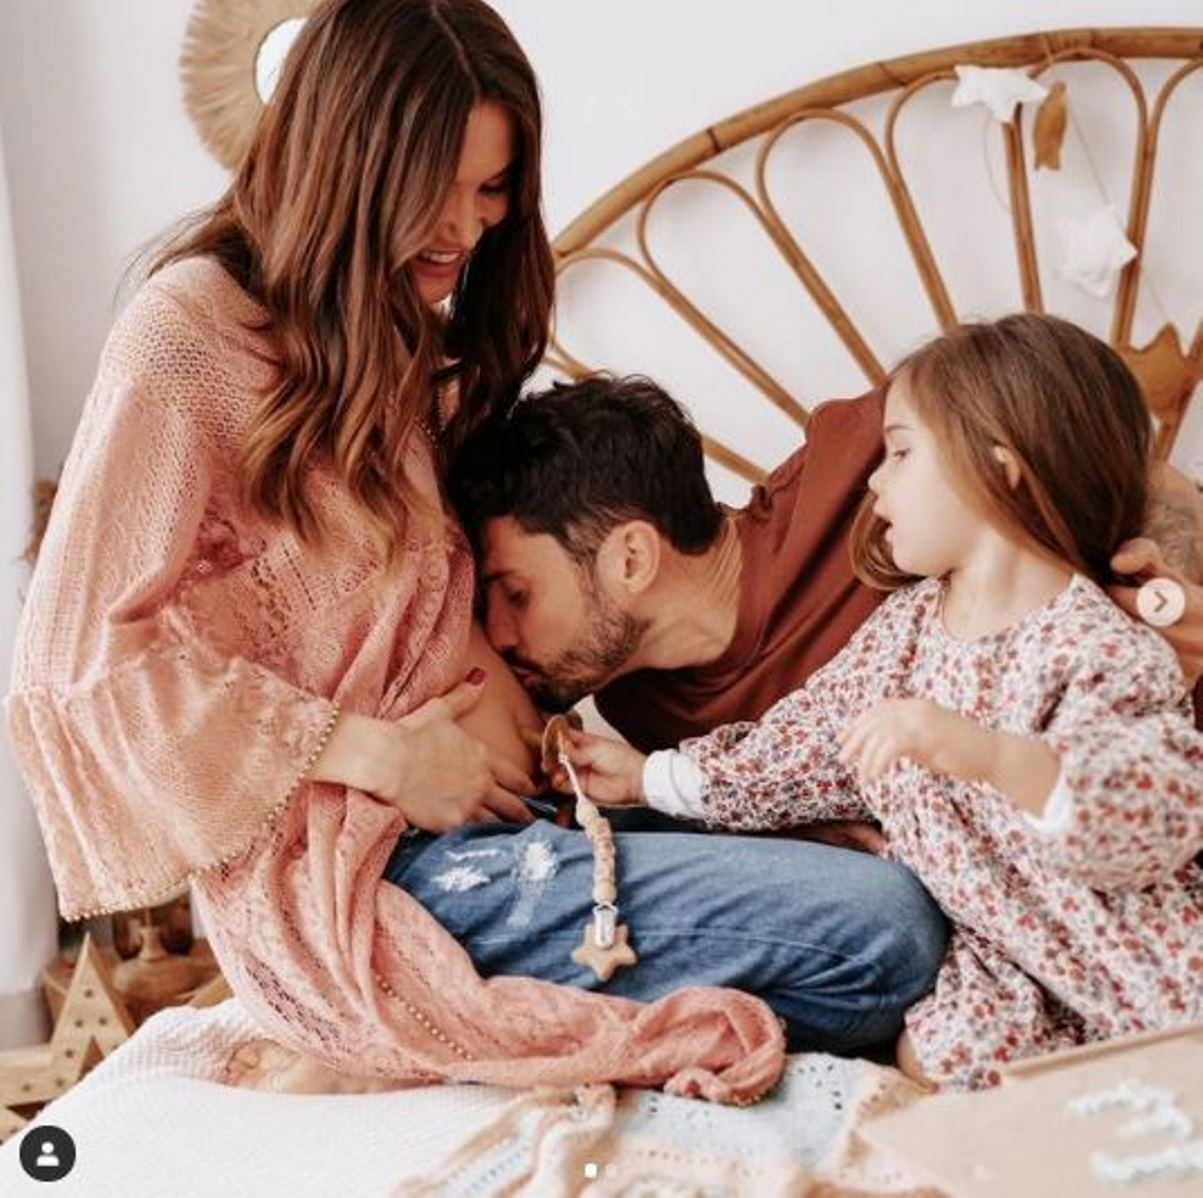 La ex protagonista del GF è incinta di un maschietto: si chiamerà Carlos Andrea